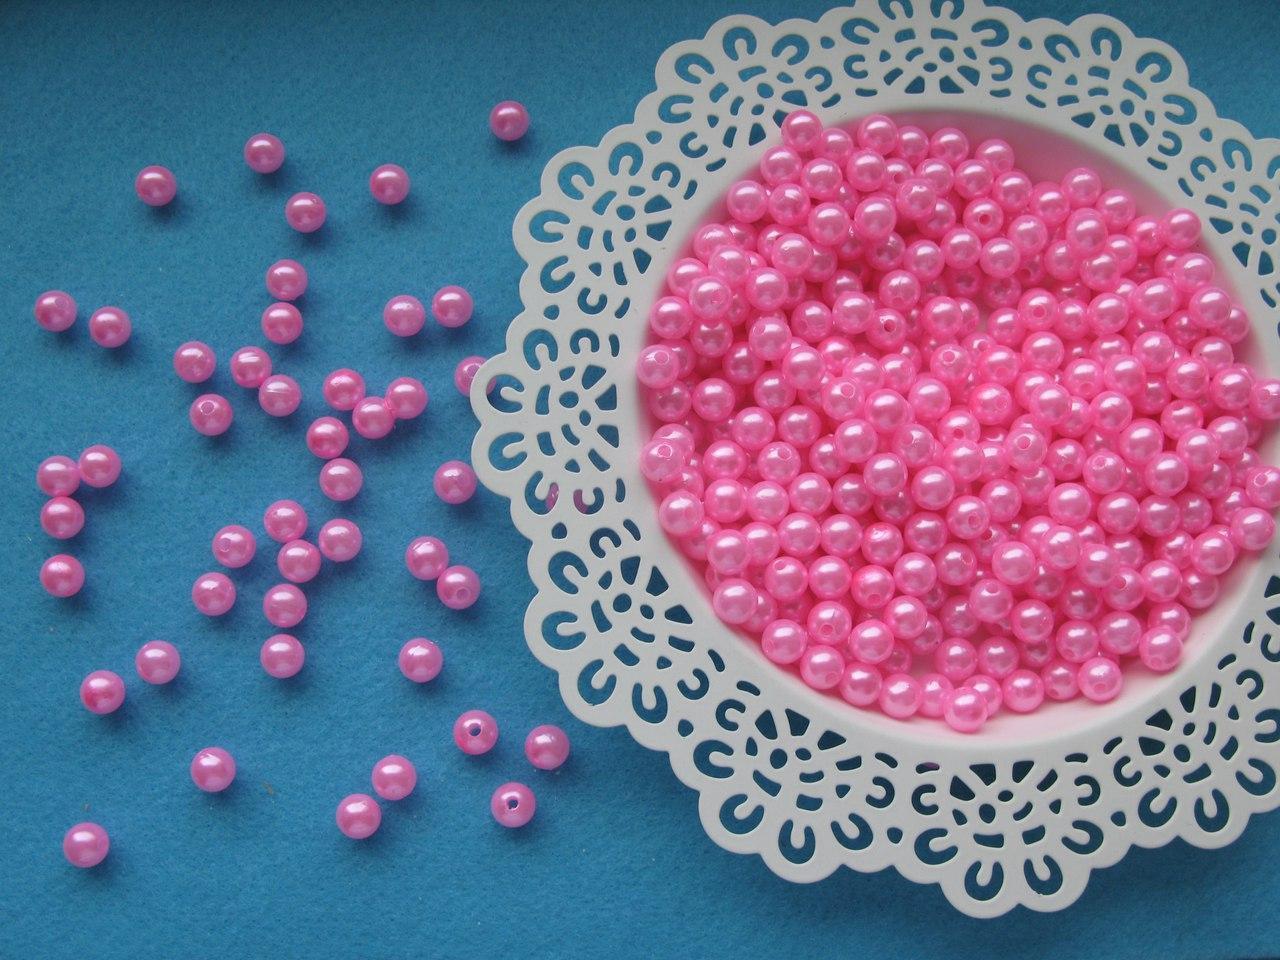 Жемчуг розовый 0.8 см. Вес упаковки 10 гр